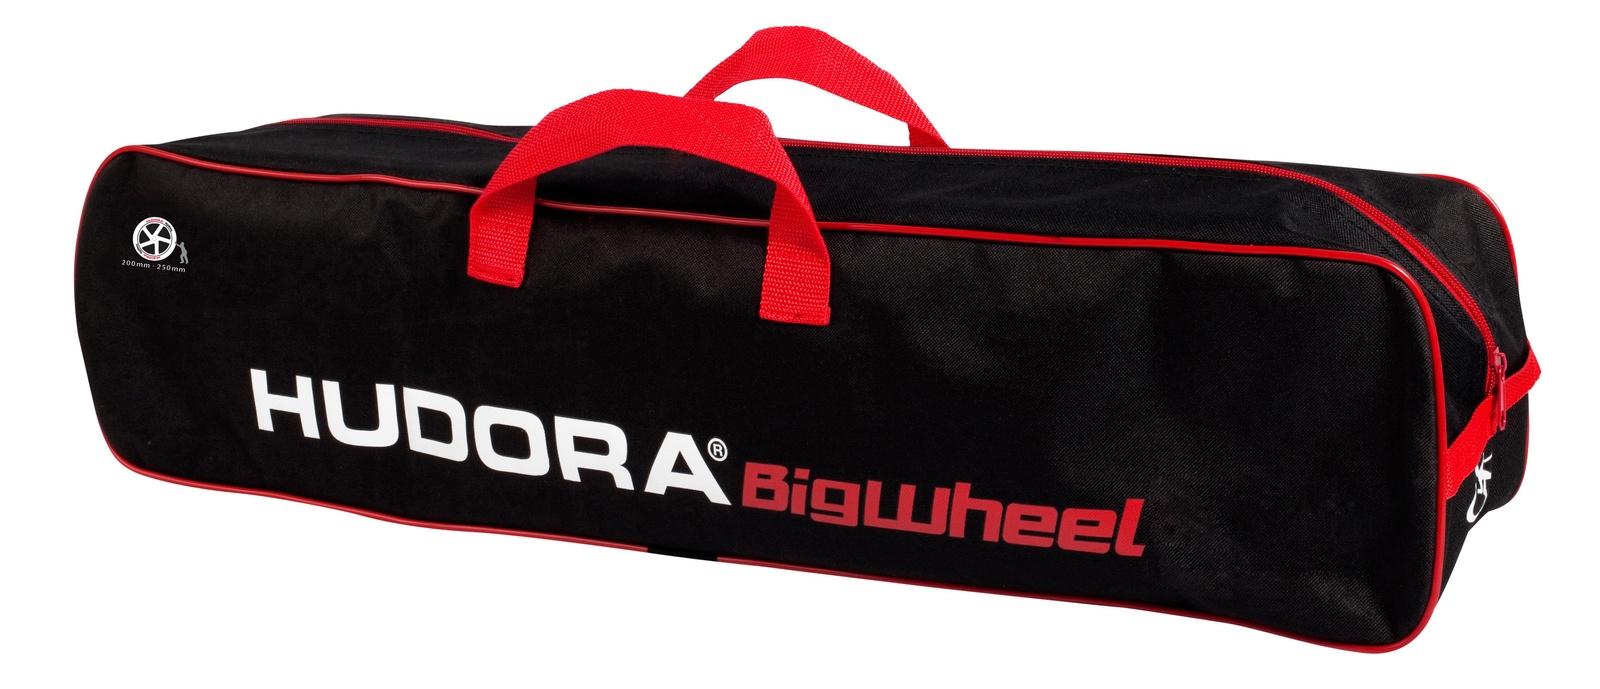 Сумка для самоката Hudora аксессуары для велосипедов и самокатов razor картридж для самоката spark